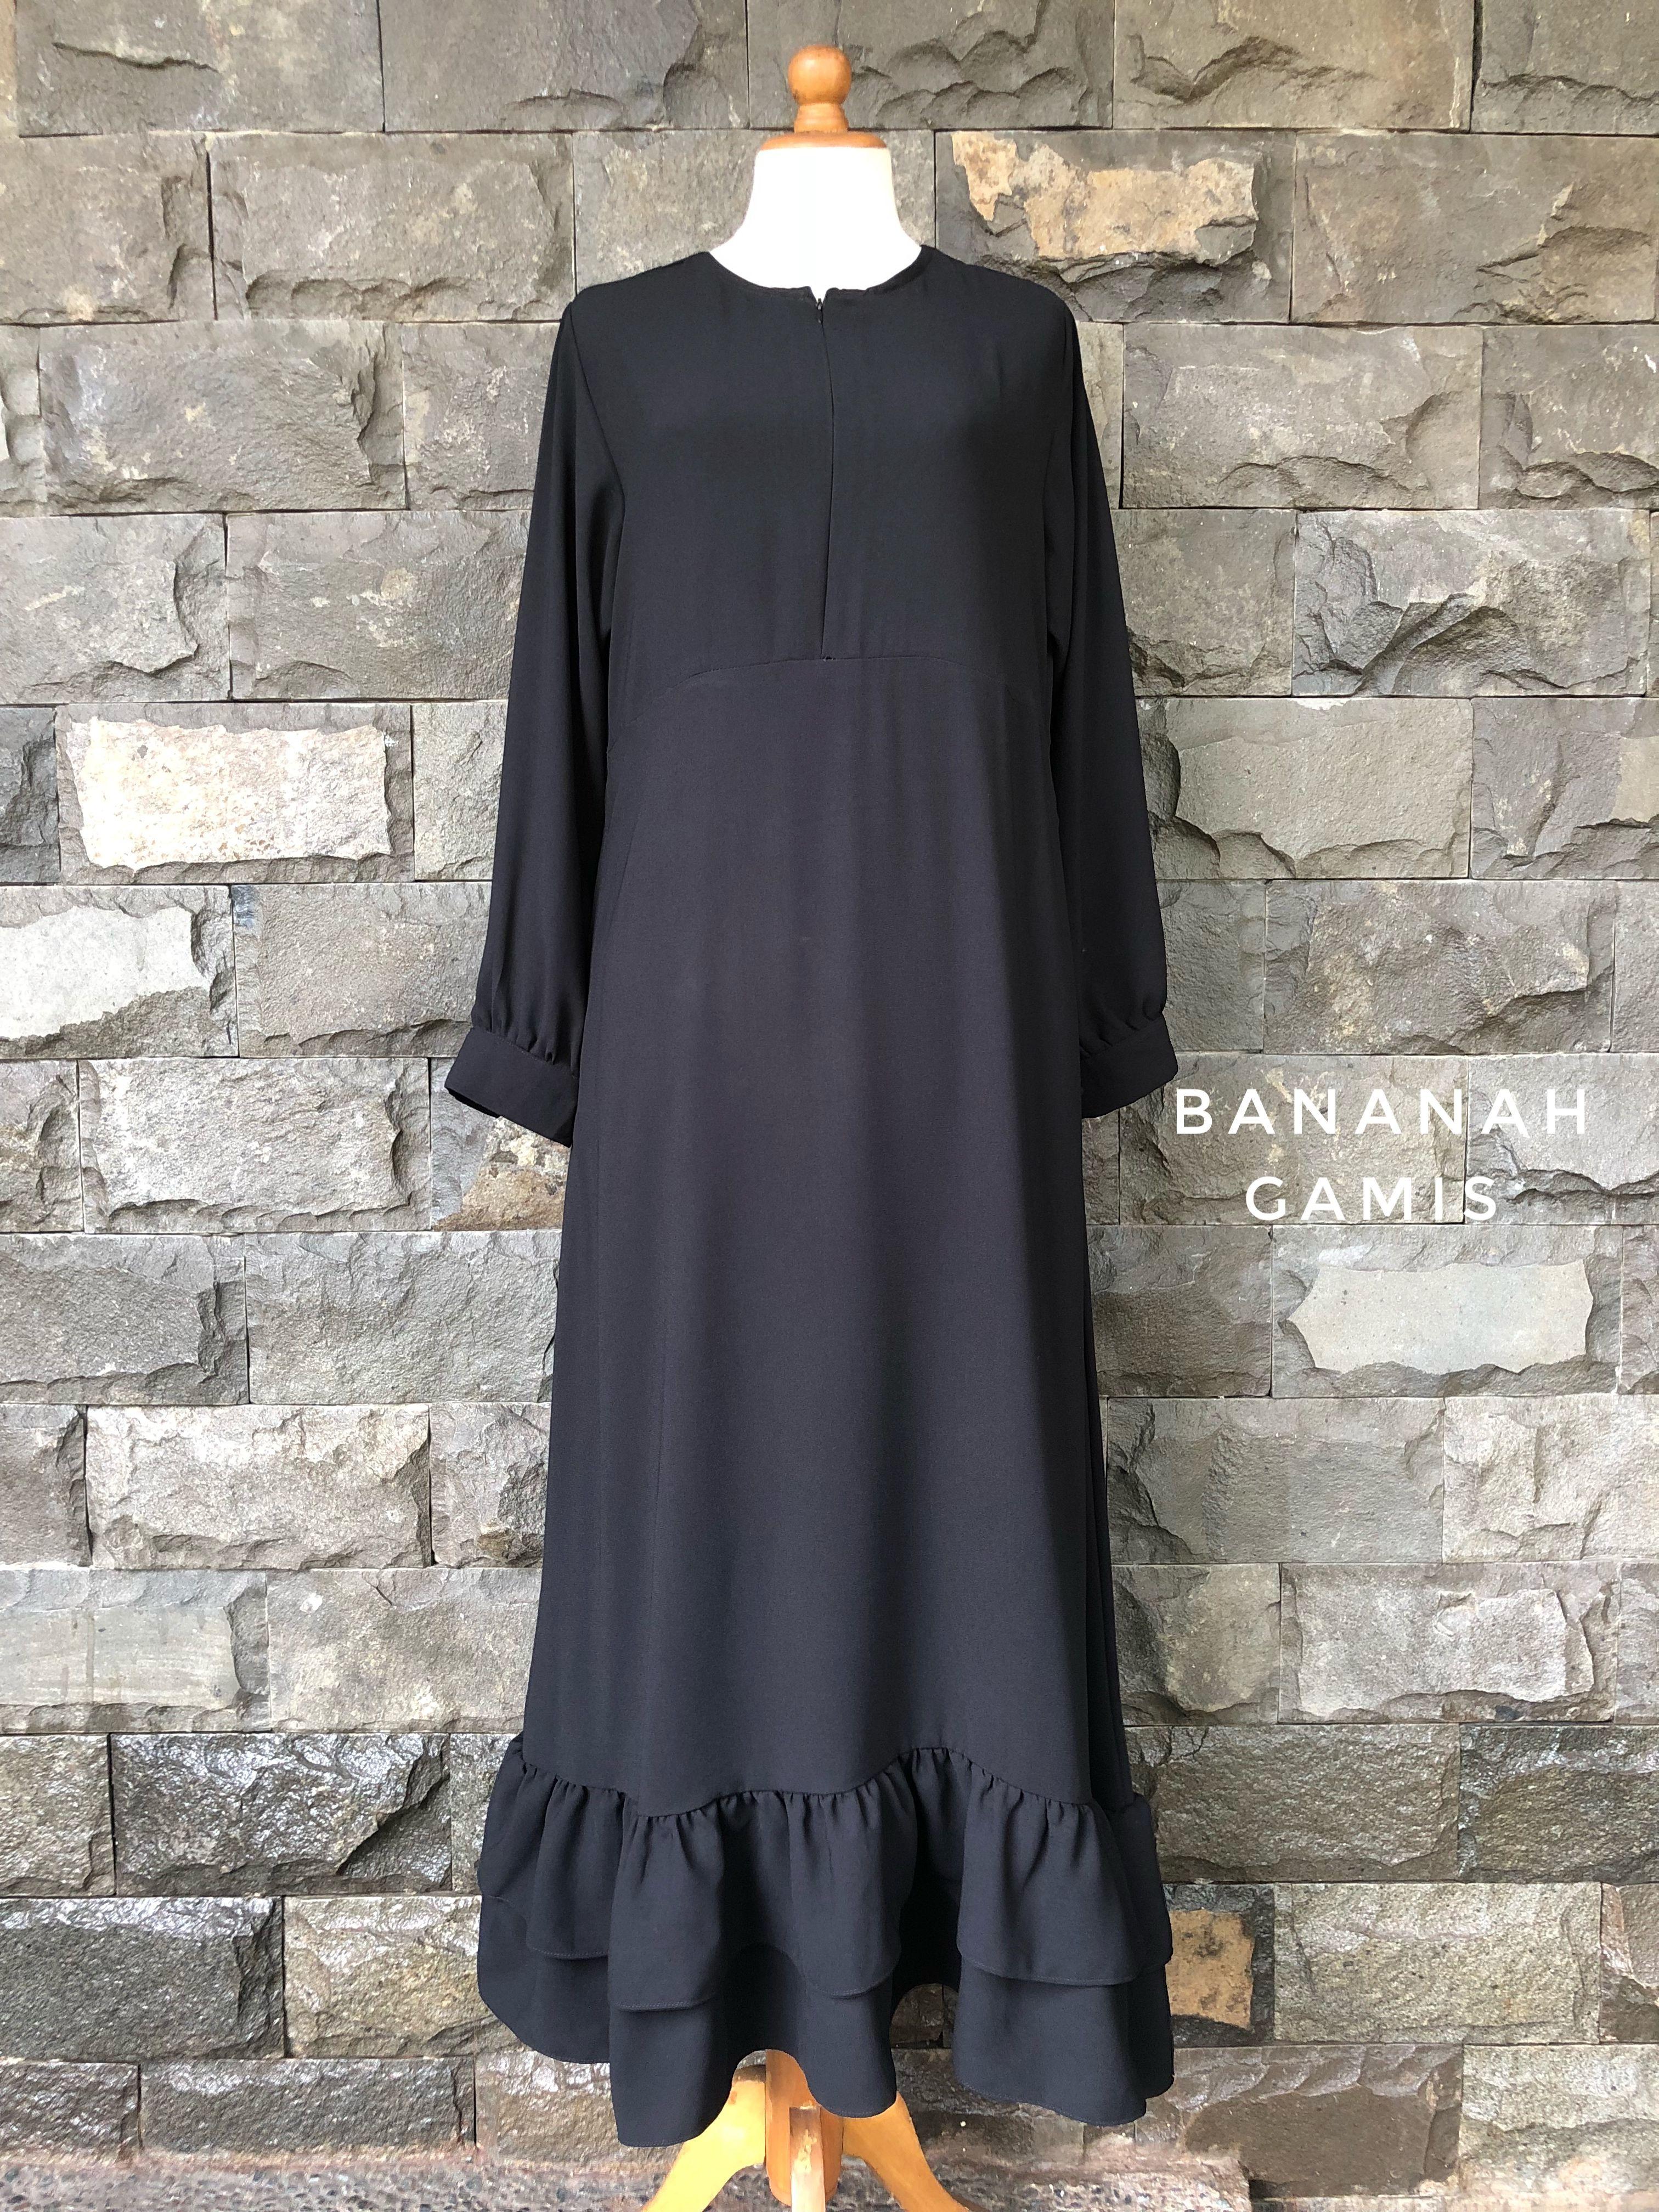 bananah gamis  Model pakaian hijab, Model pakaian, Model baju wanita